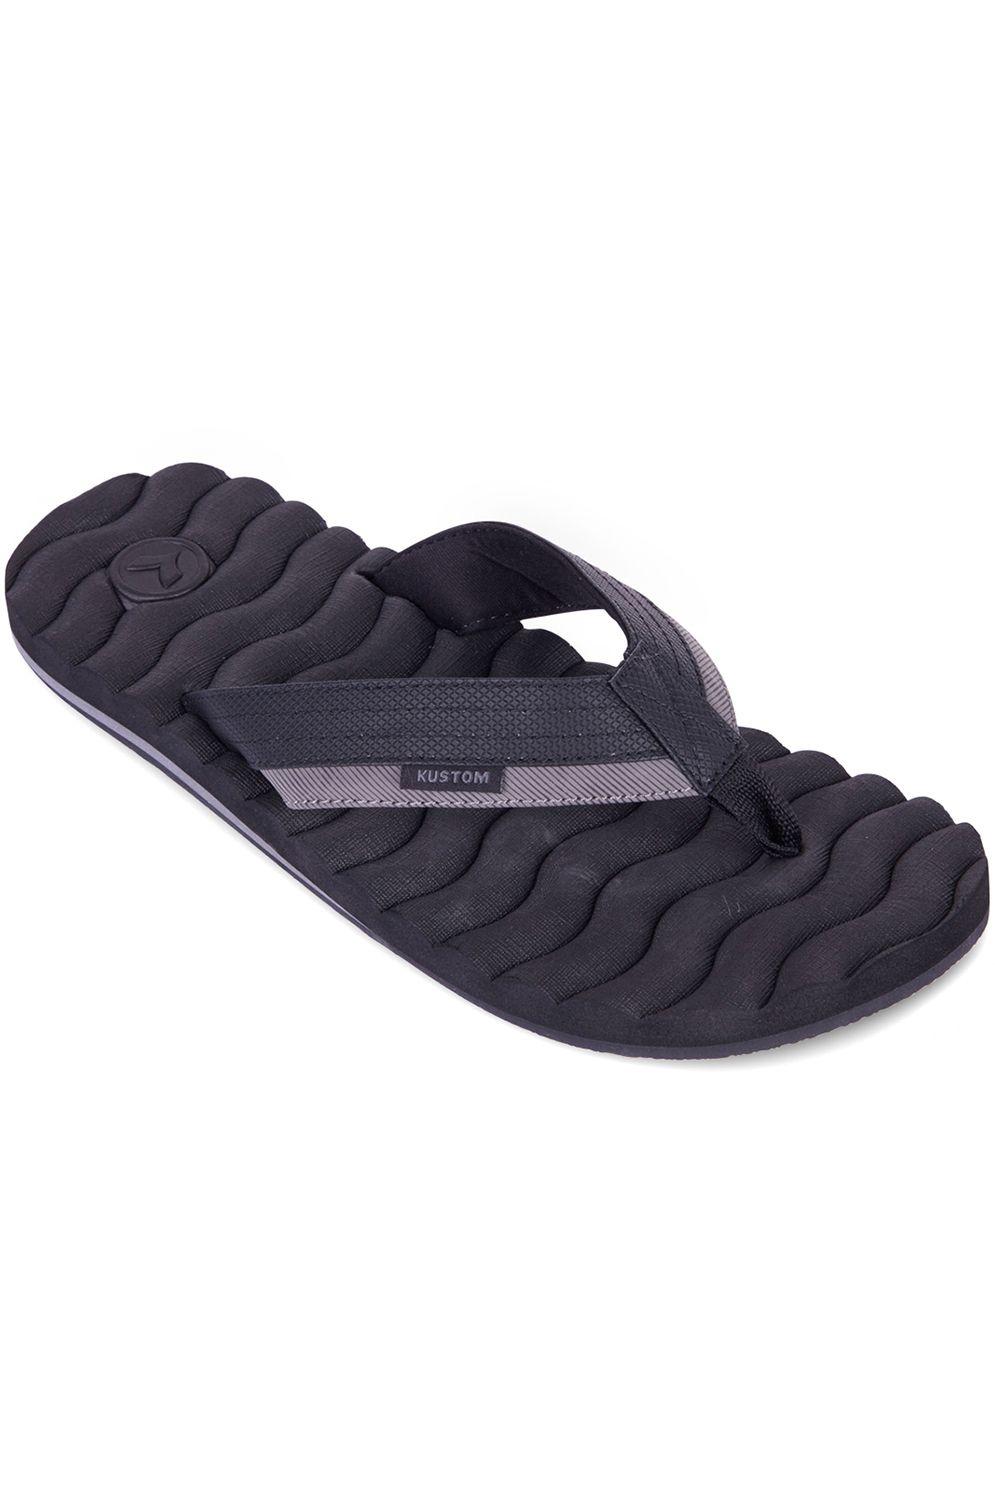 Kustom Sandals HUMMER Black Stripe